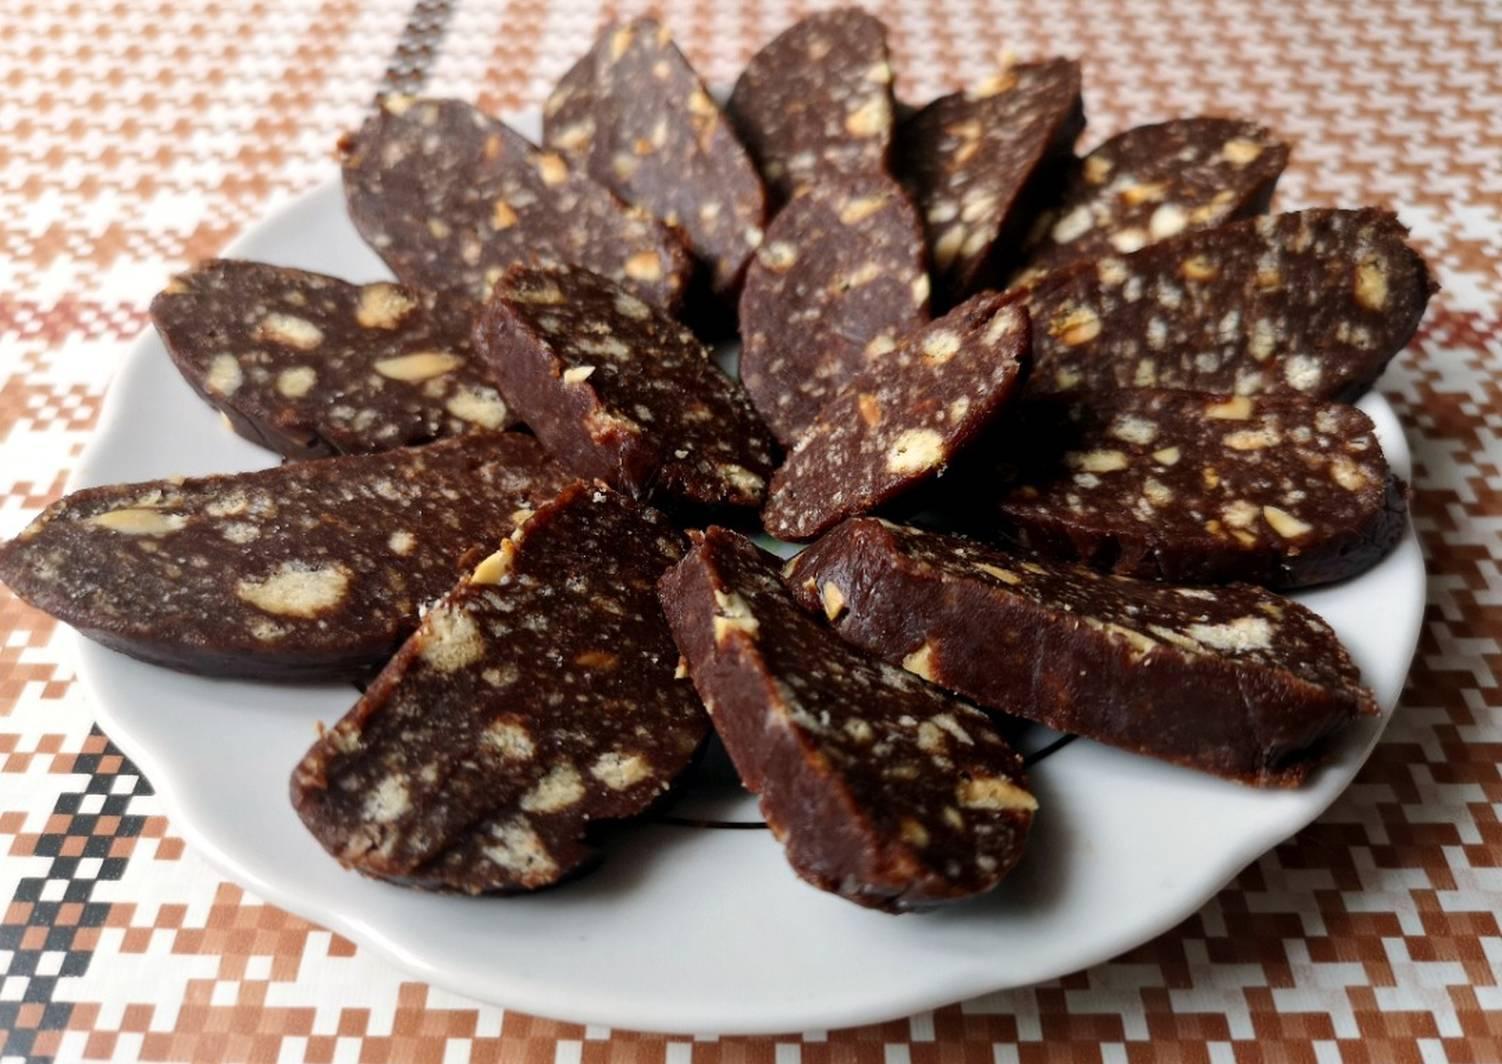 шоколадные колбаски из печенья рецепт с фото меня есть сложные